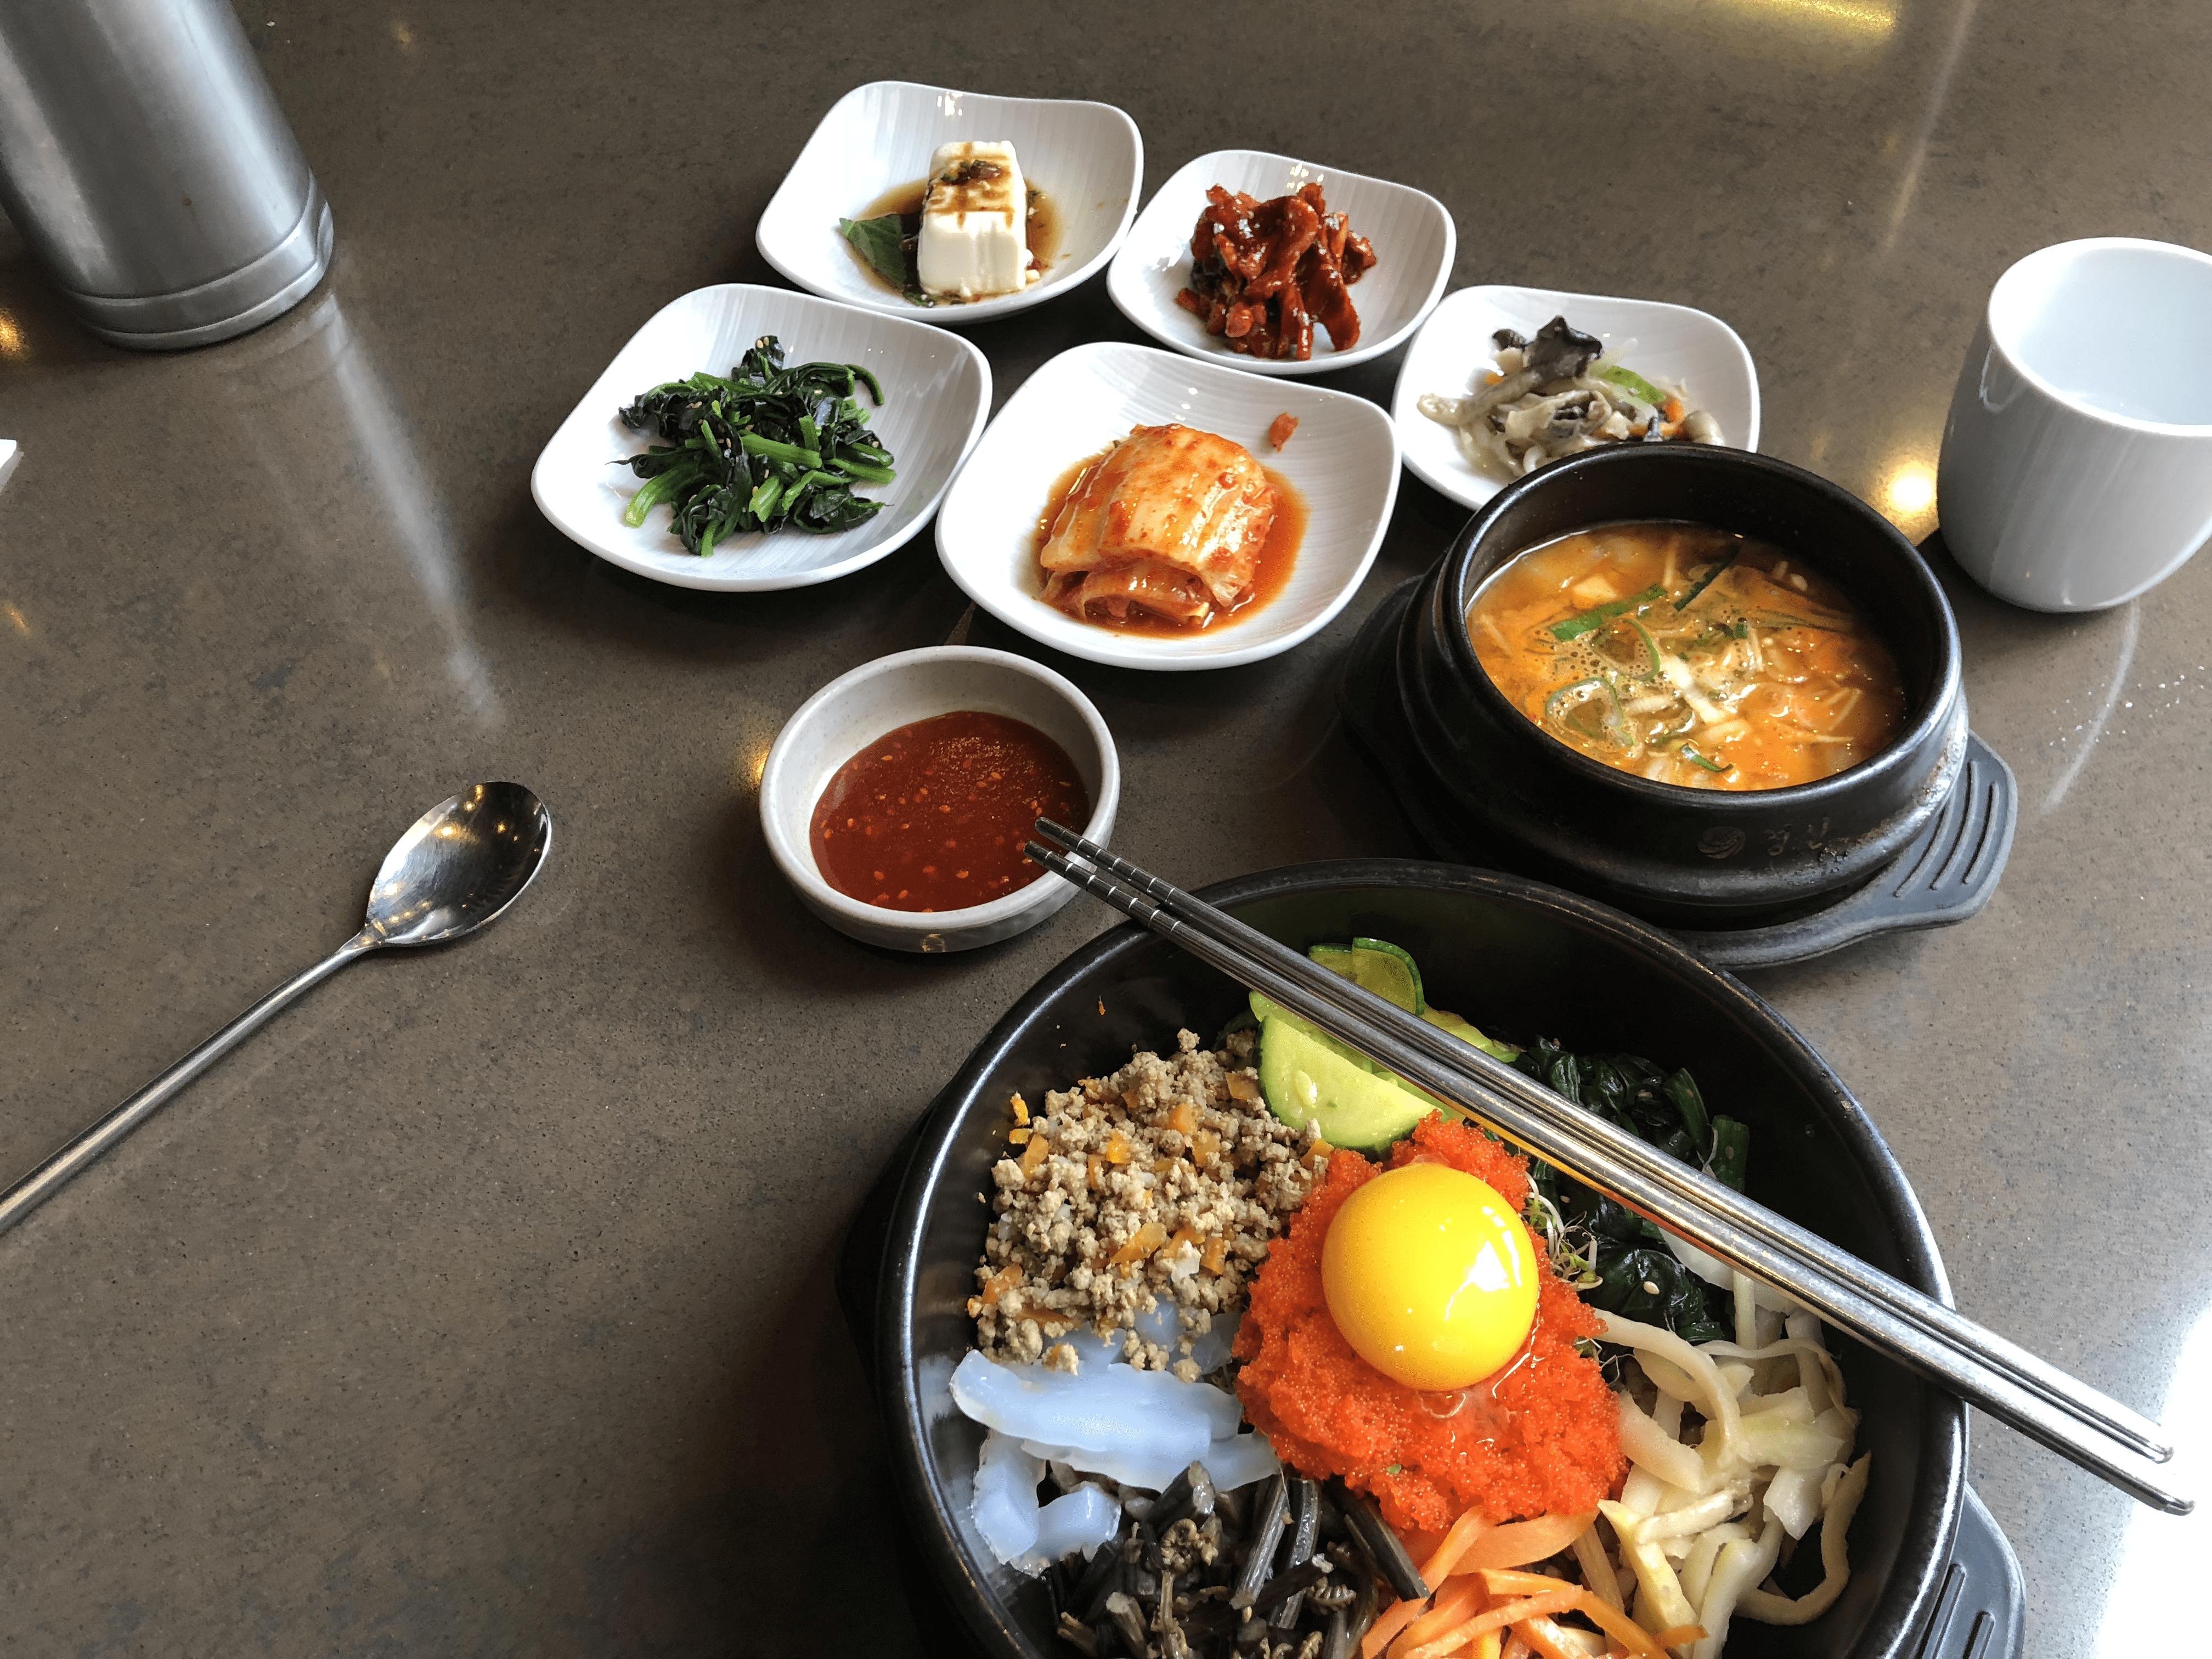 Seoul meal bimimbap